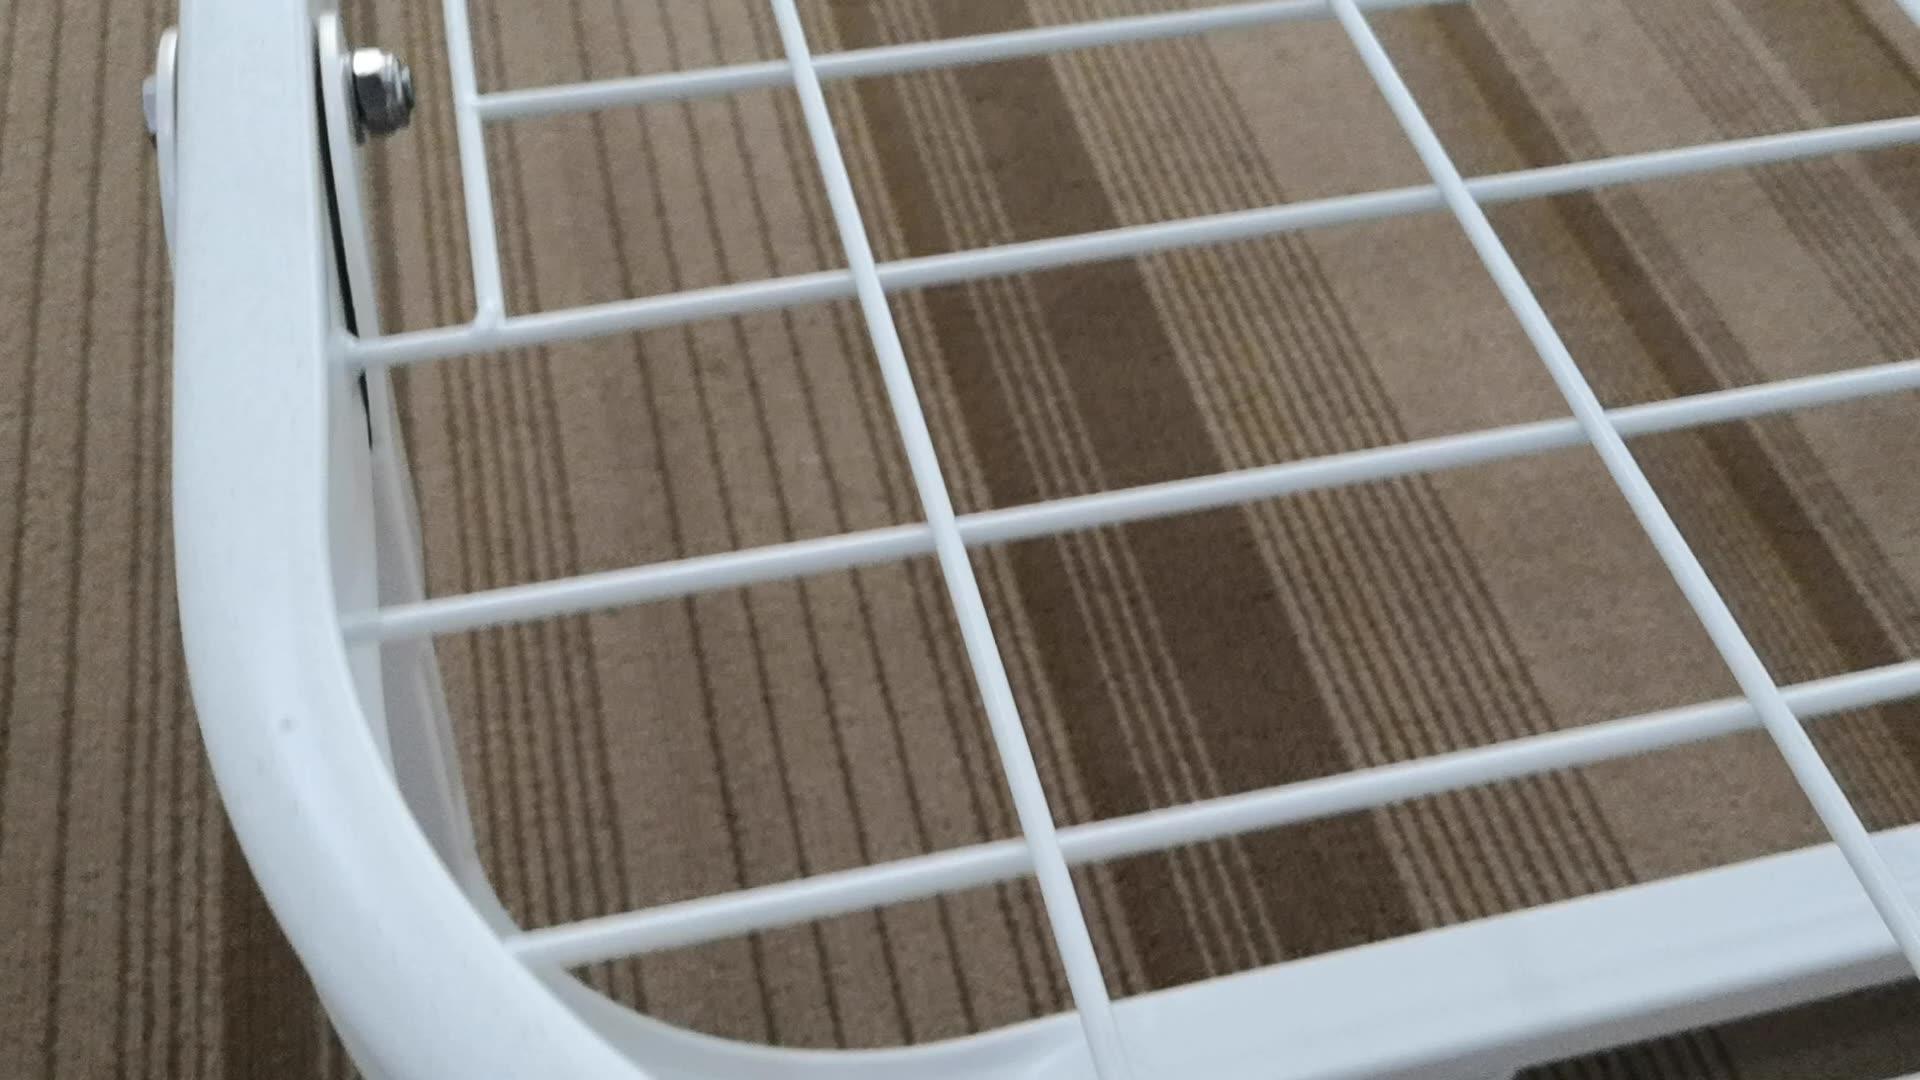 Простой дизайн оцинкованная стальная односпальная кровать для программируемого регулятора скорости и больничных условиях